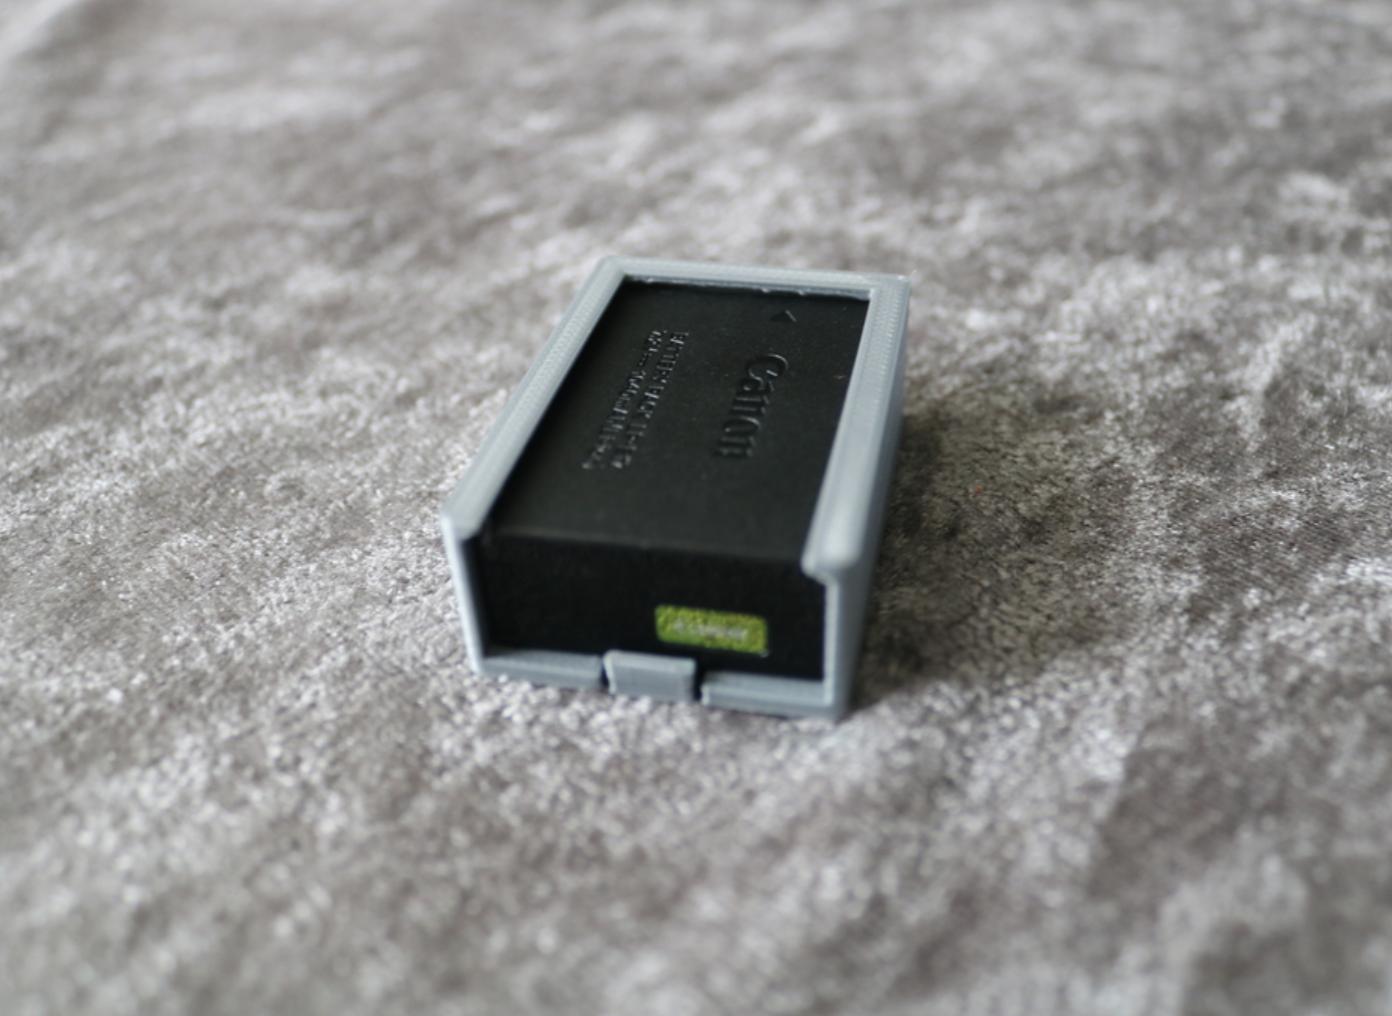 Capture d'écran 2017-10-16 à 15.08.07.png Download free STL file Canon LP-E17 Battery Holder • 3D printing model, JonathanK1906